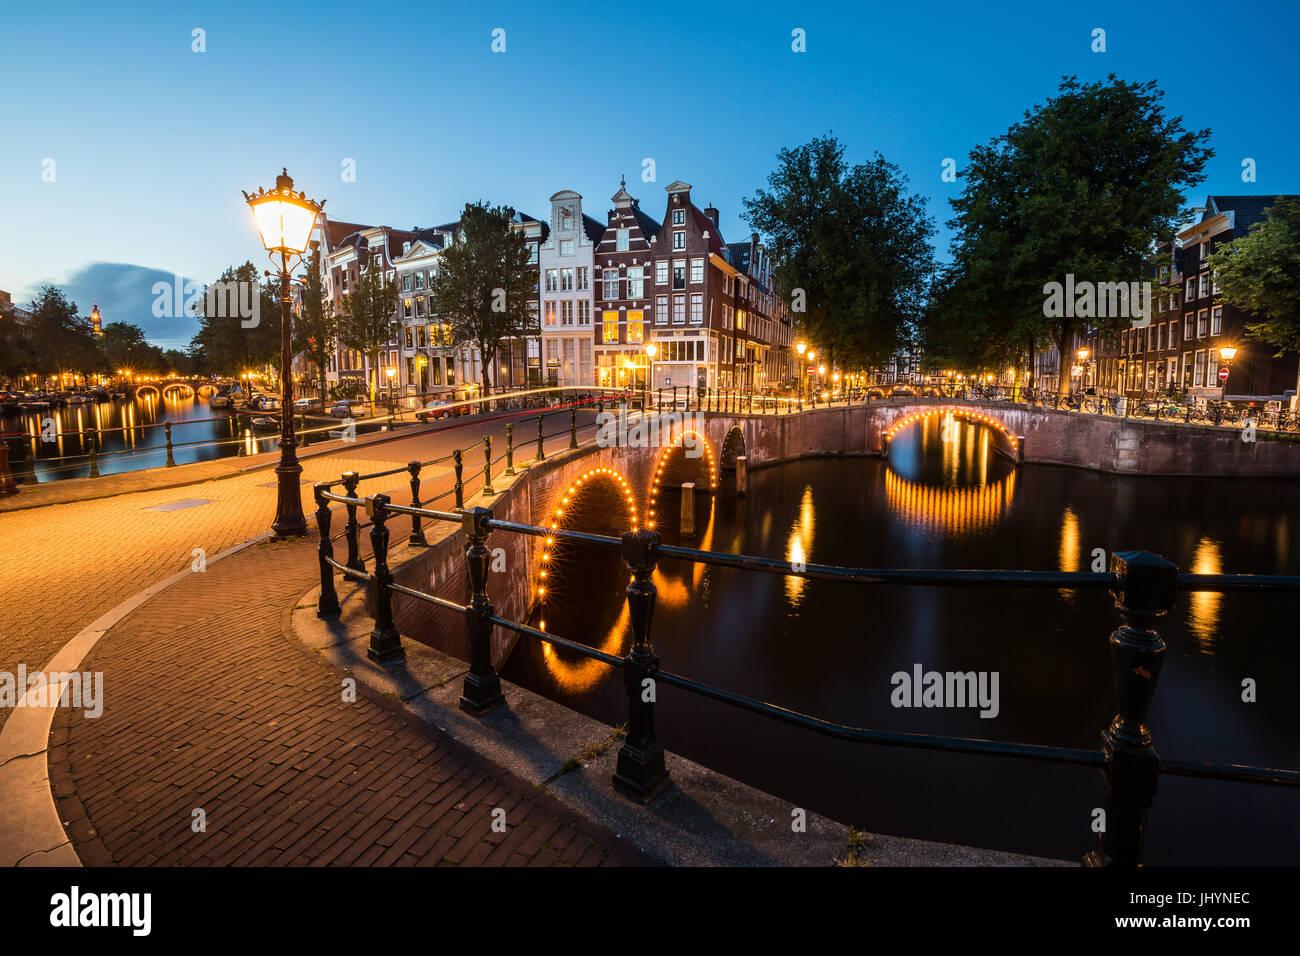 Amsterdams südlichen Kanal Ringe an der Kreuzung der Leidsegracht und Keizersgracht, Amsterdam, Niederlande Stockbild